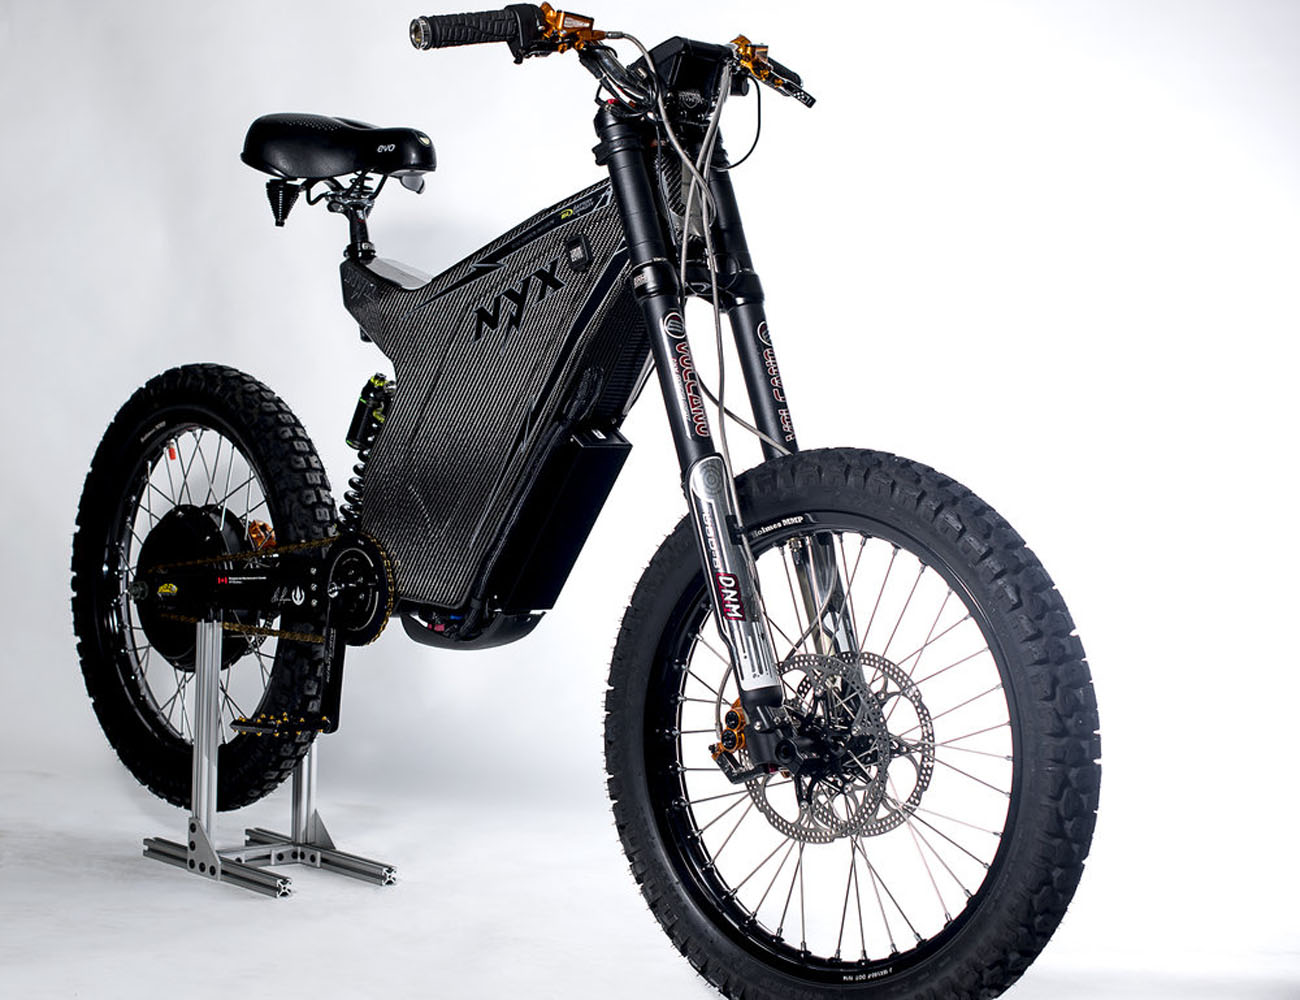 nyx 2015 the world s first carbon fiber e bike frame kit